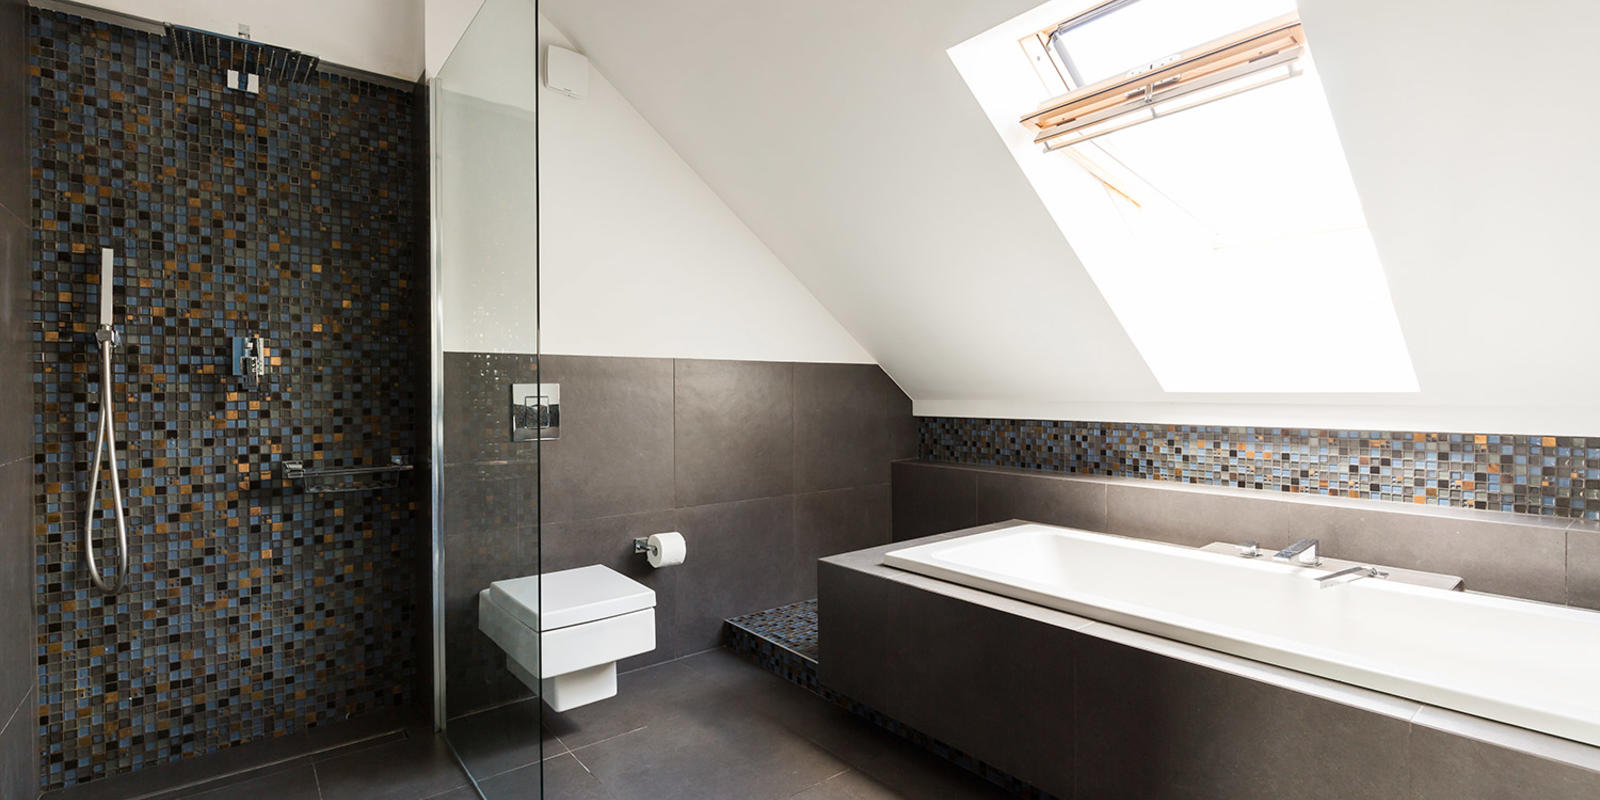 waardeverhoging badkamer woning